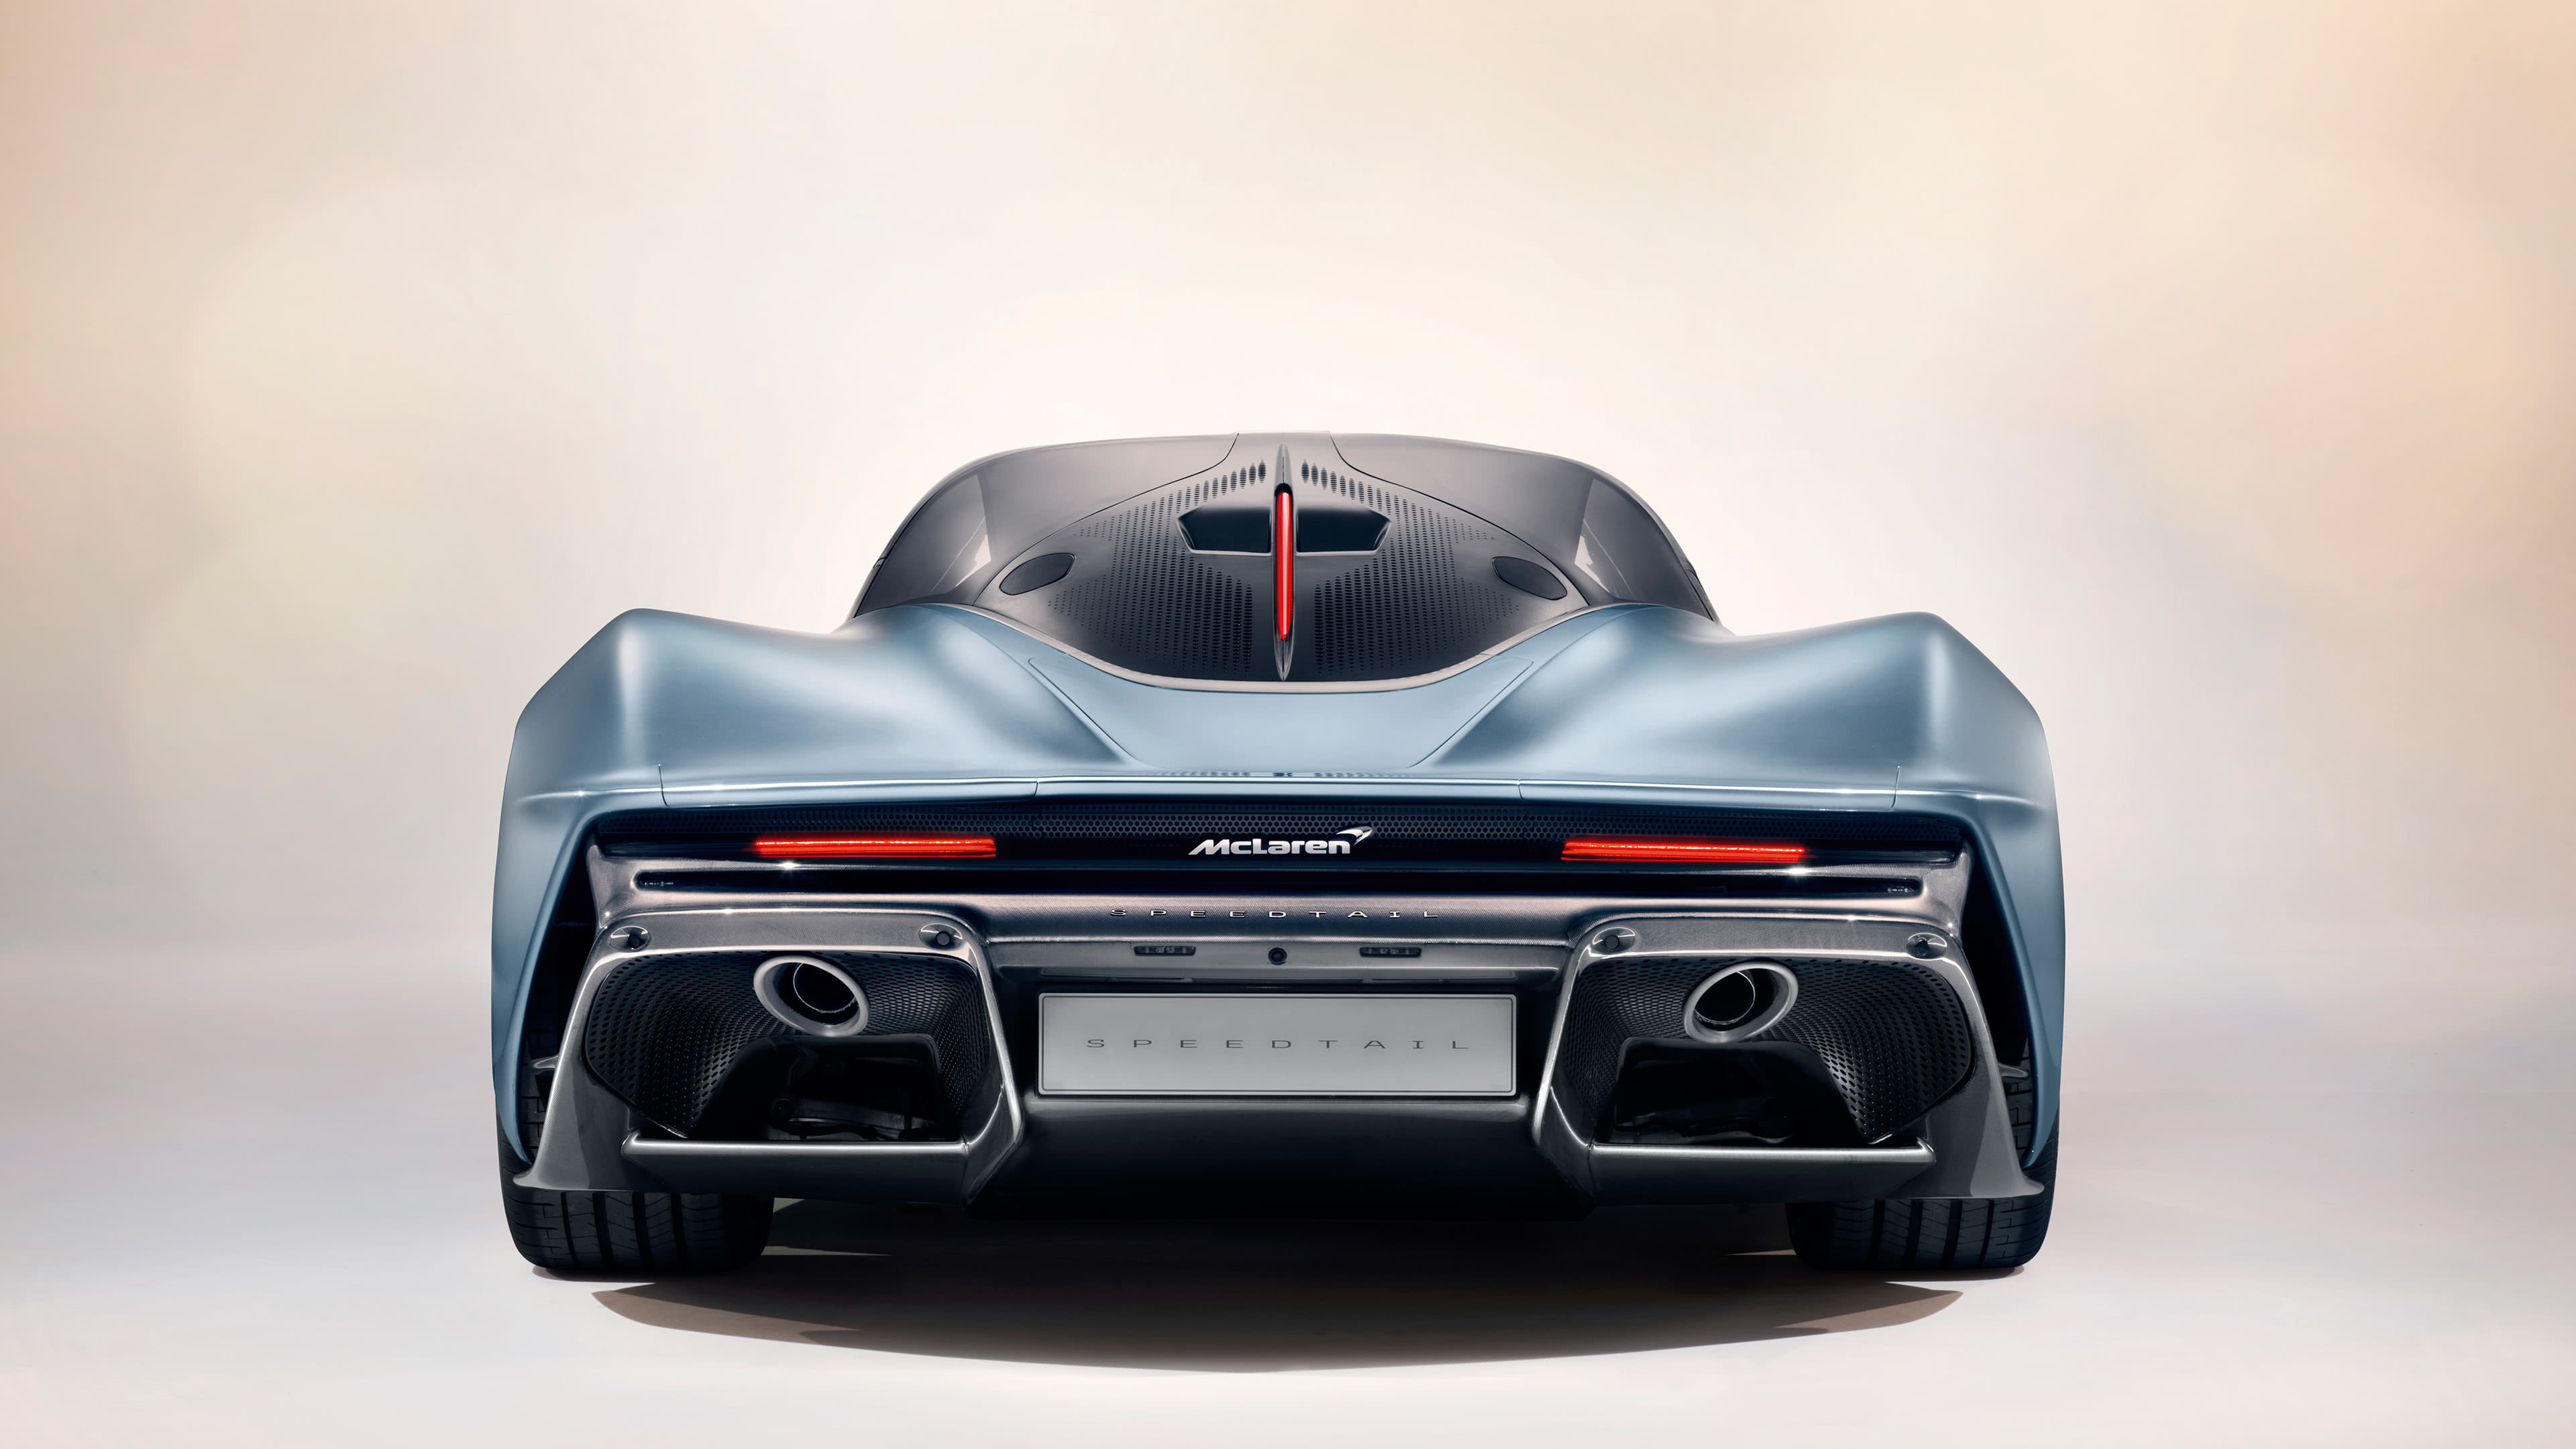 McLaren Speedtail Rear UHD 4K Wallpaper Pixelz 3840x2160